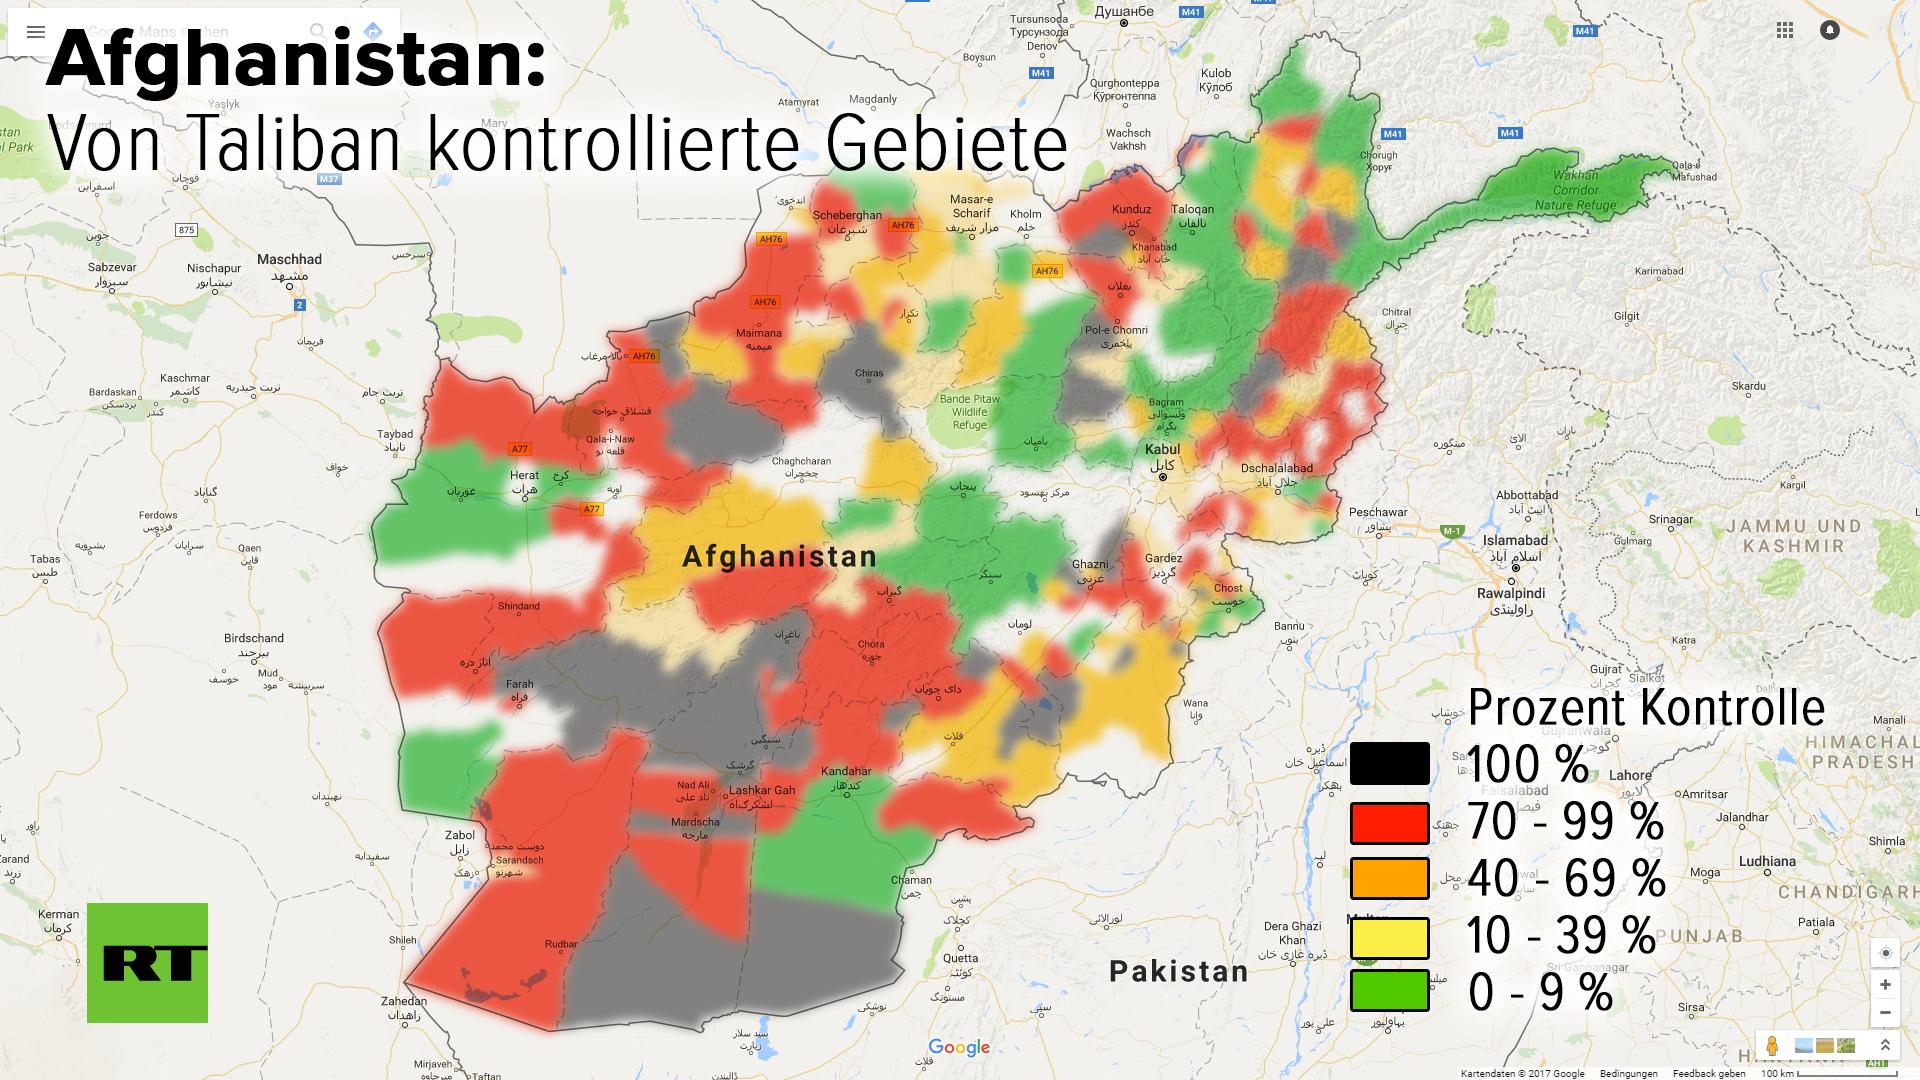 RT-Exklusiv: Taliban kontrollieren die Hälfte Afghanistans - USA trifft Mitschuld